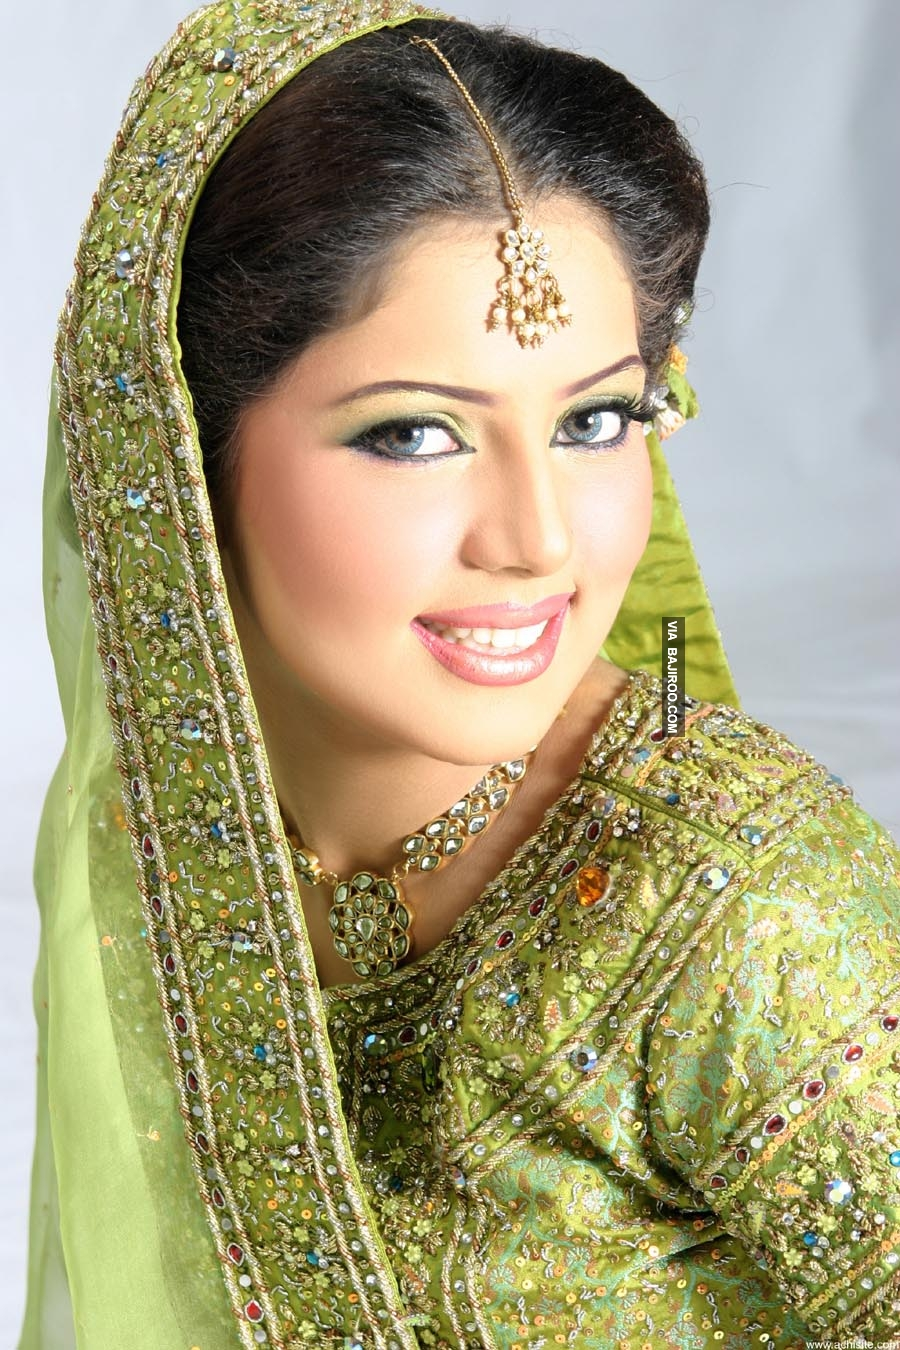 بالصور بنات باكستان , جمال فريد لبنات الباكستان 2128 1